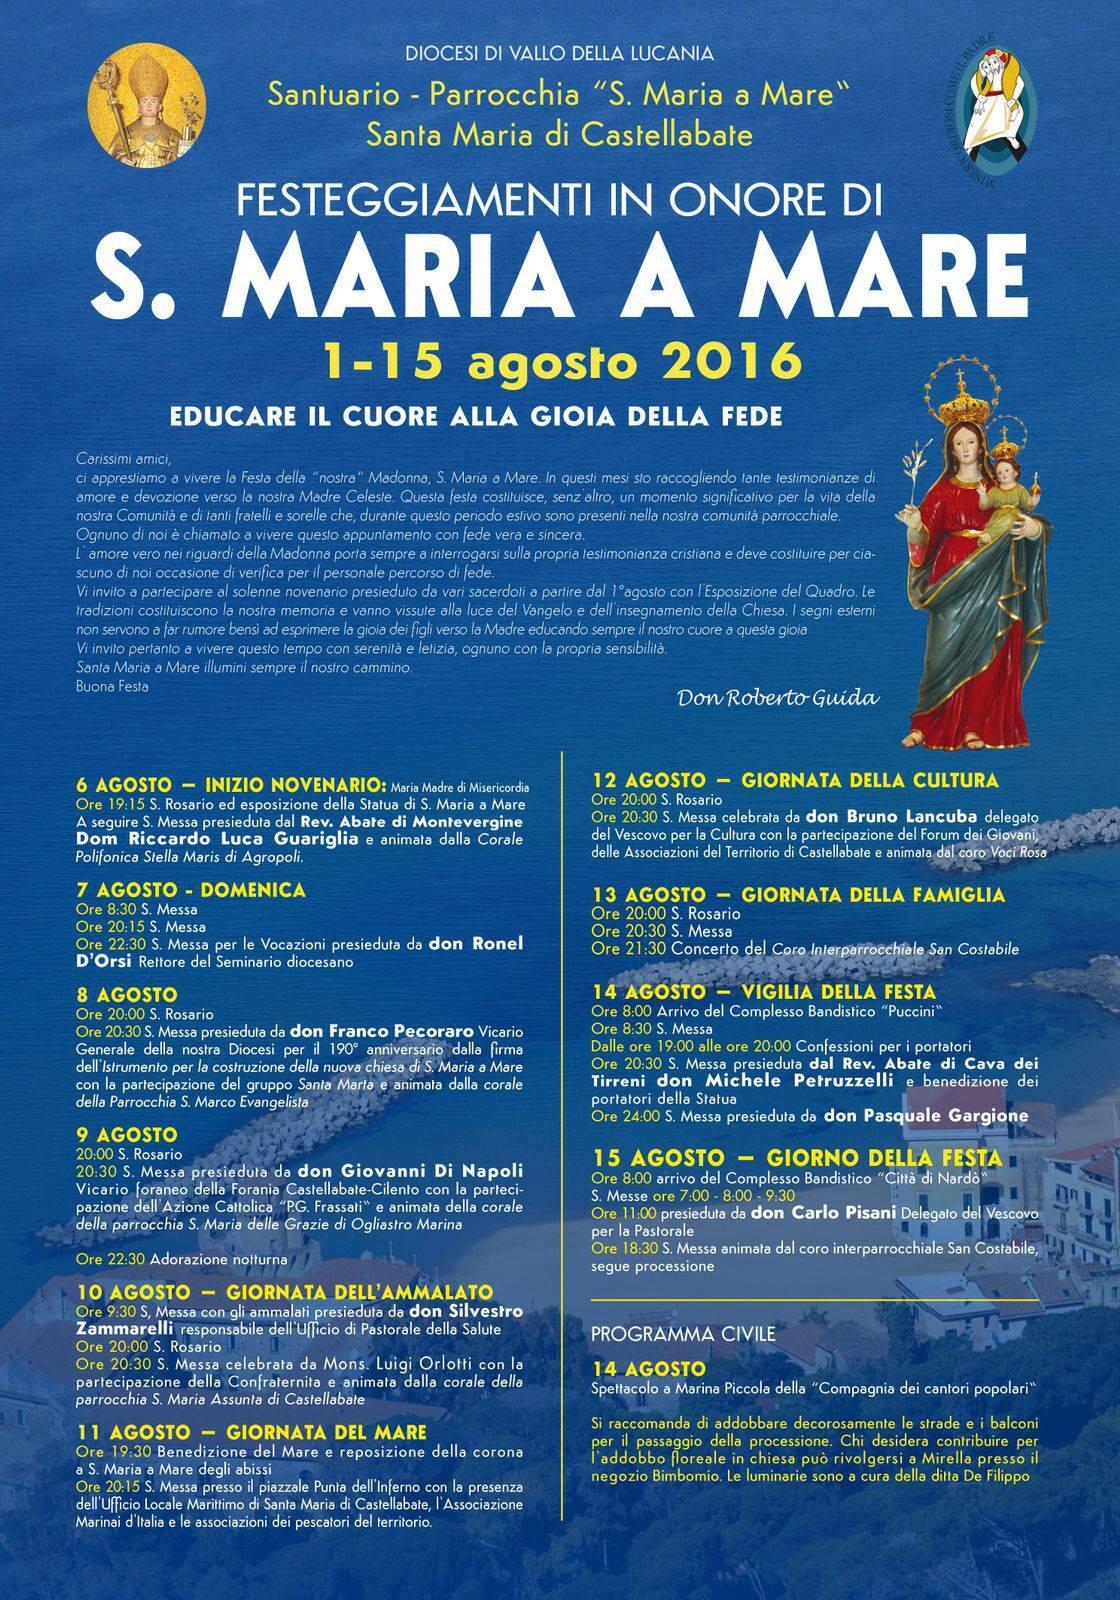 festa santa maria a mare 2016 castellabate